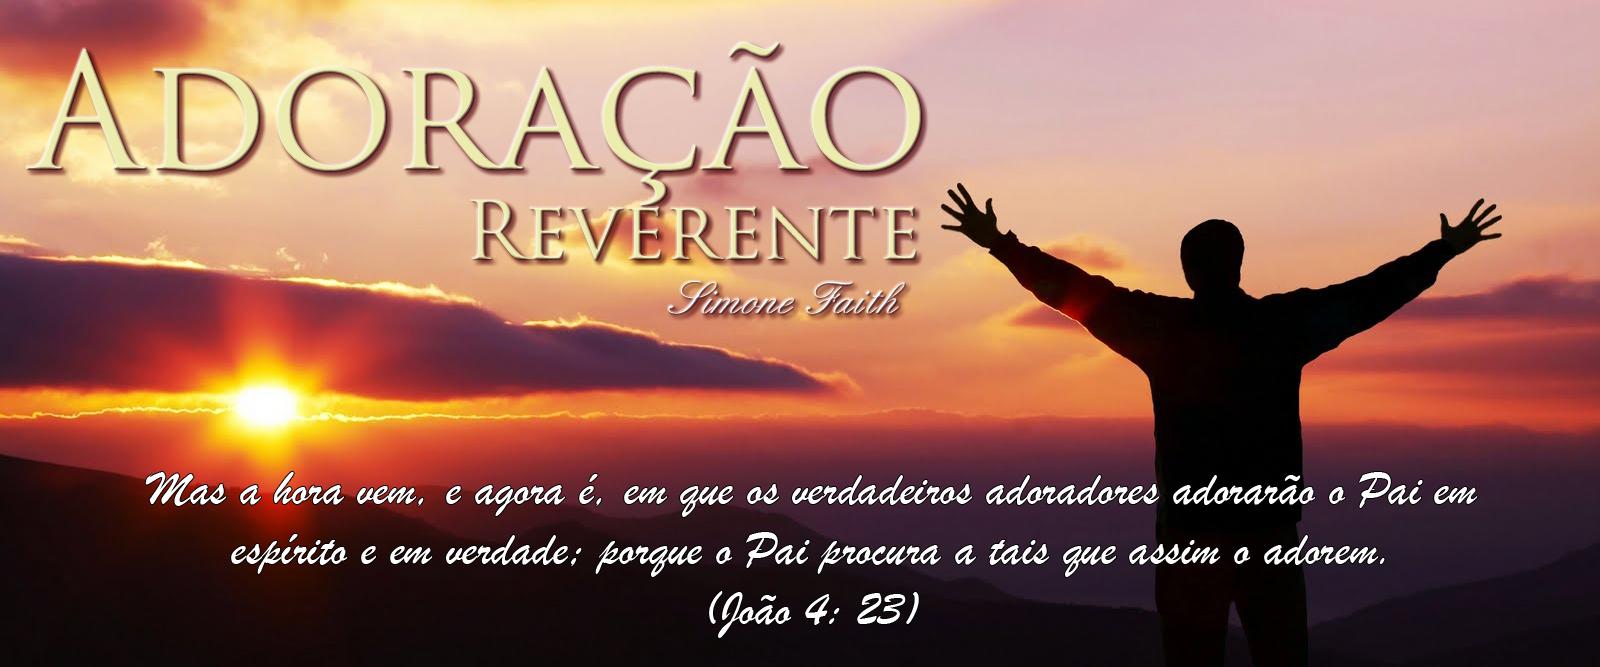 Adoração Reverente